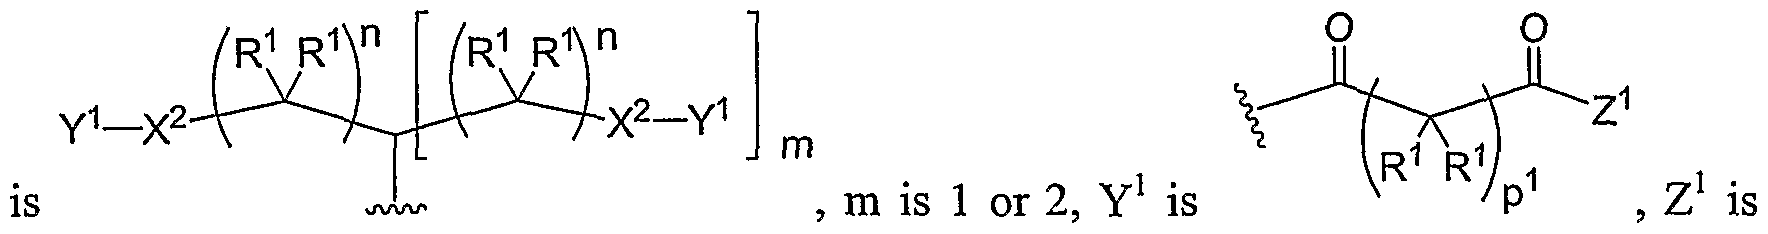 Figure imgf000170_0008